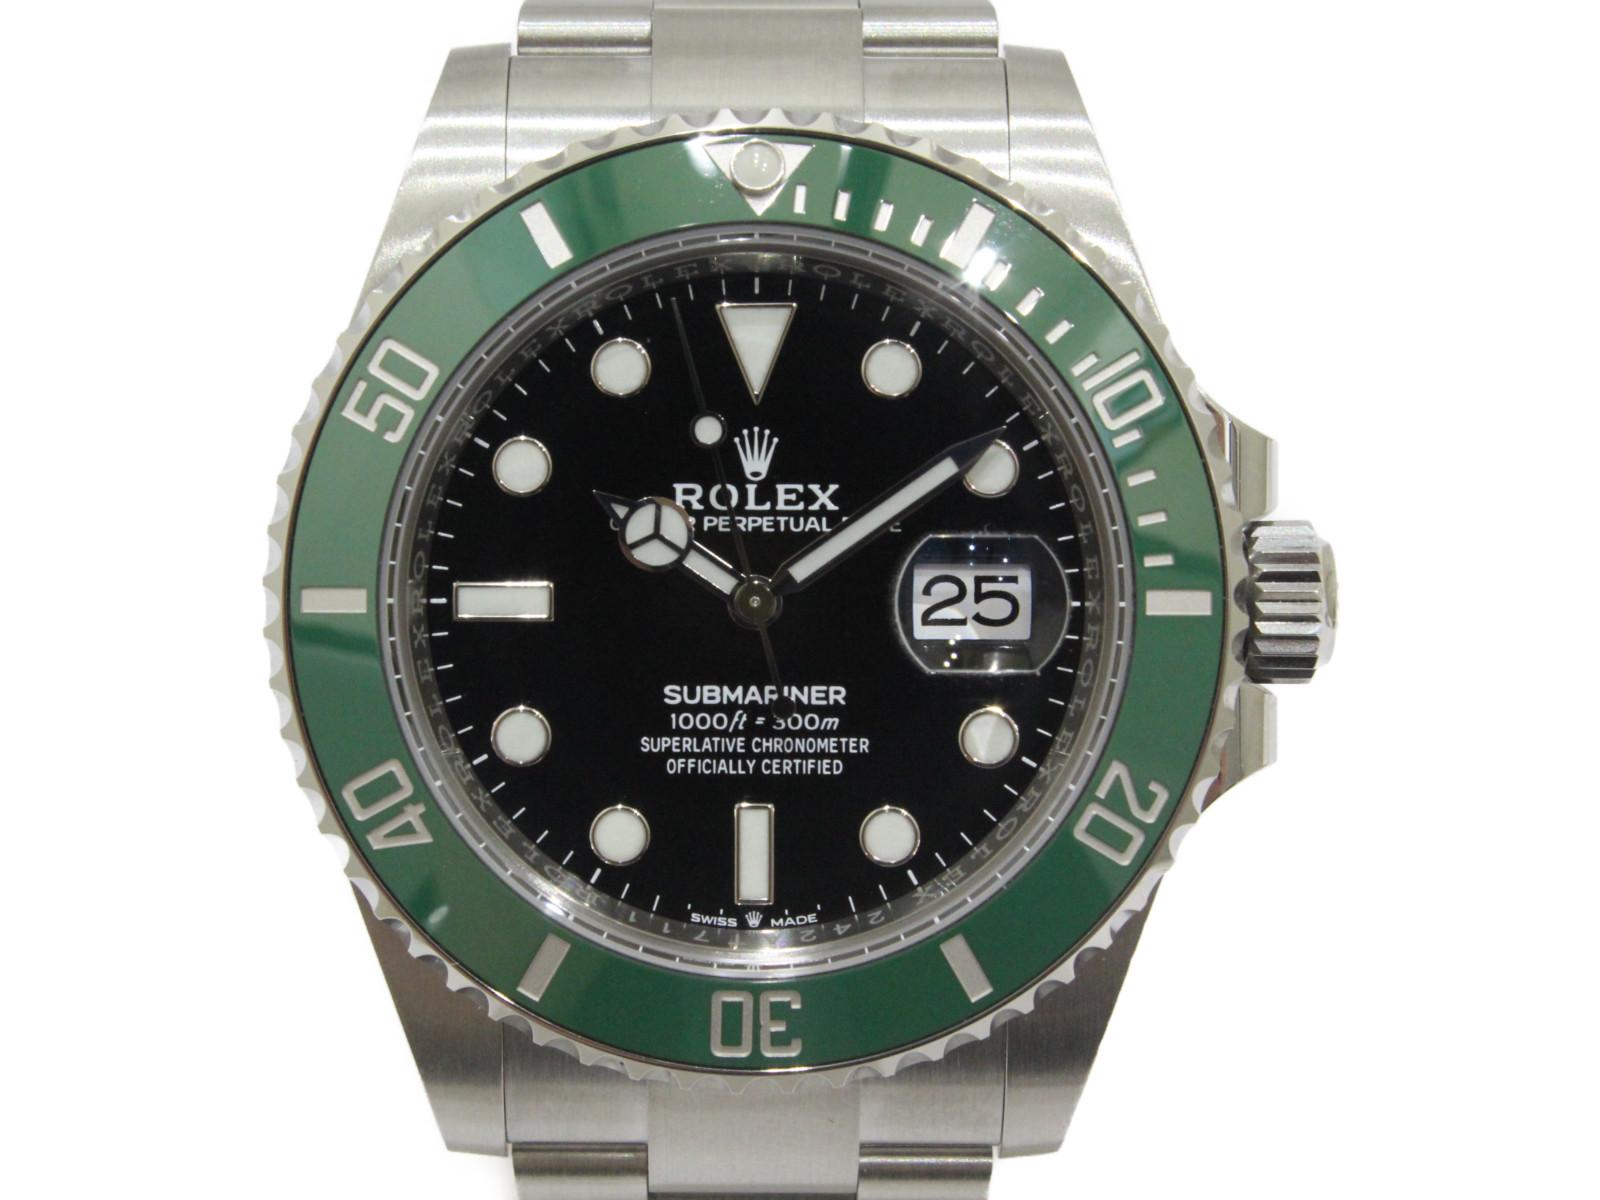 人気定番の 【ギャラ有】ROLEX ロレックス サブマリーナデイト 126610LV 自動巻き ランダム 2020年 SS グリーンサブ 緑サブ ブラック メンズ 腕時計【】松前R56店, はくでん:a9985b95 --- mail.viradecergypontoise.fr